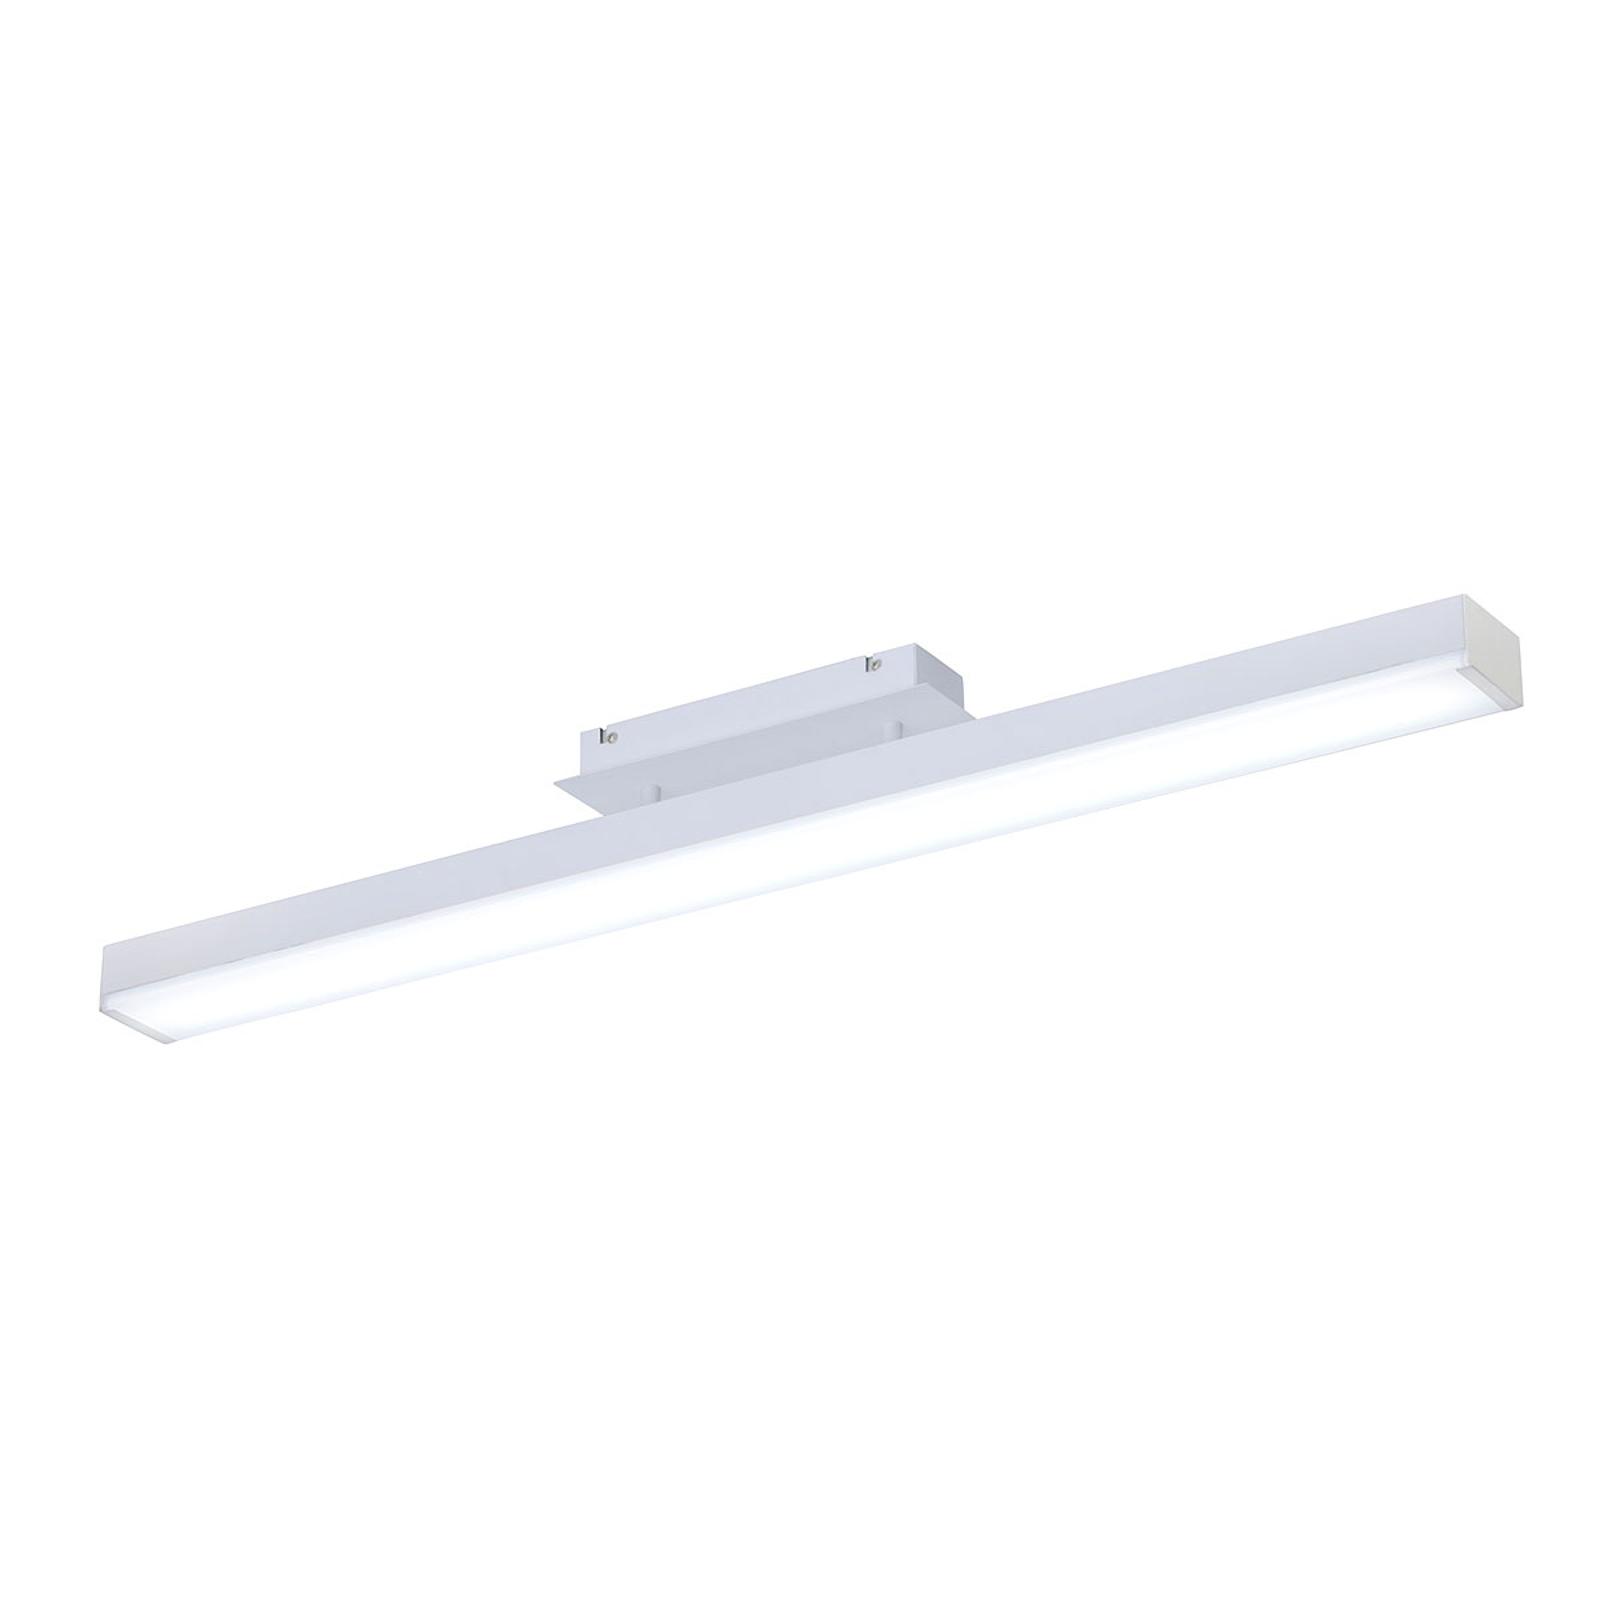 Trio WiZ Livaro LED-Deckenleuchte weiß matt